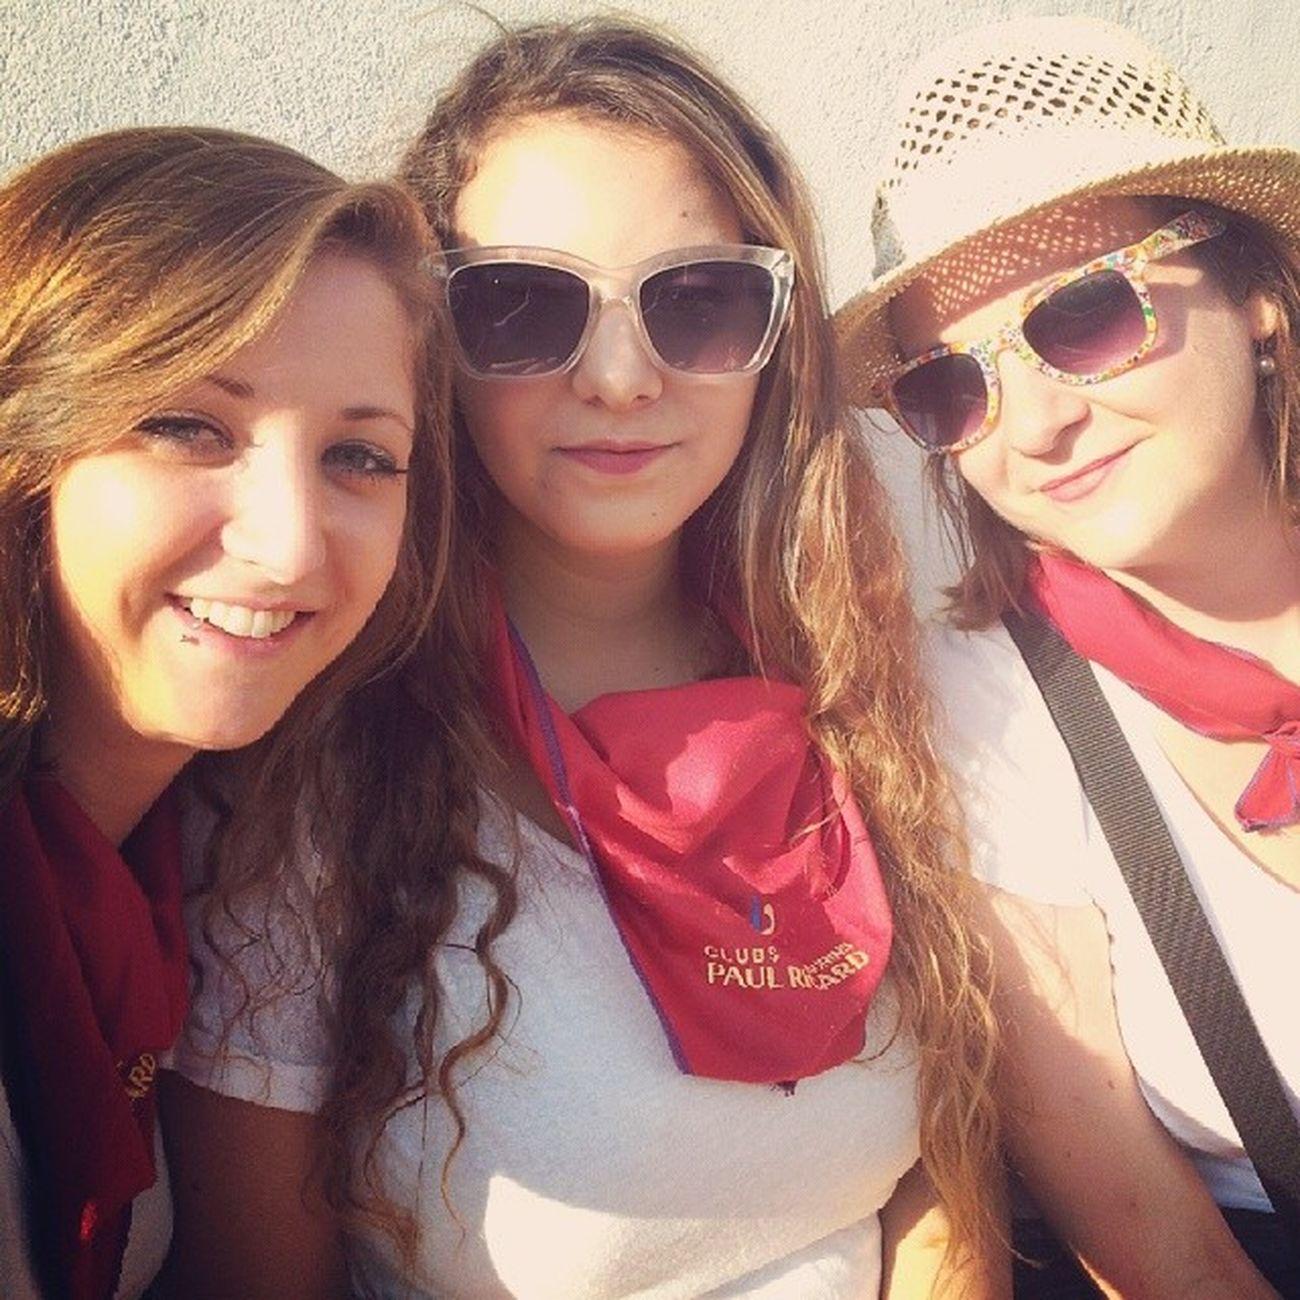 @miimy33 FeriaBayonne FeriaBayonne2014 Feria Bayonna bayonne selfie friends girls